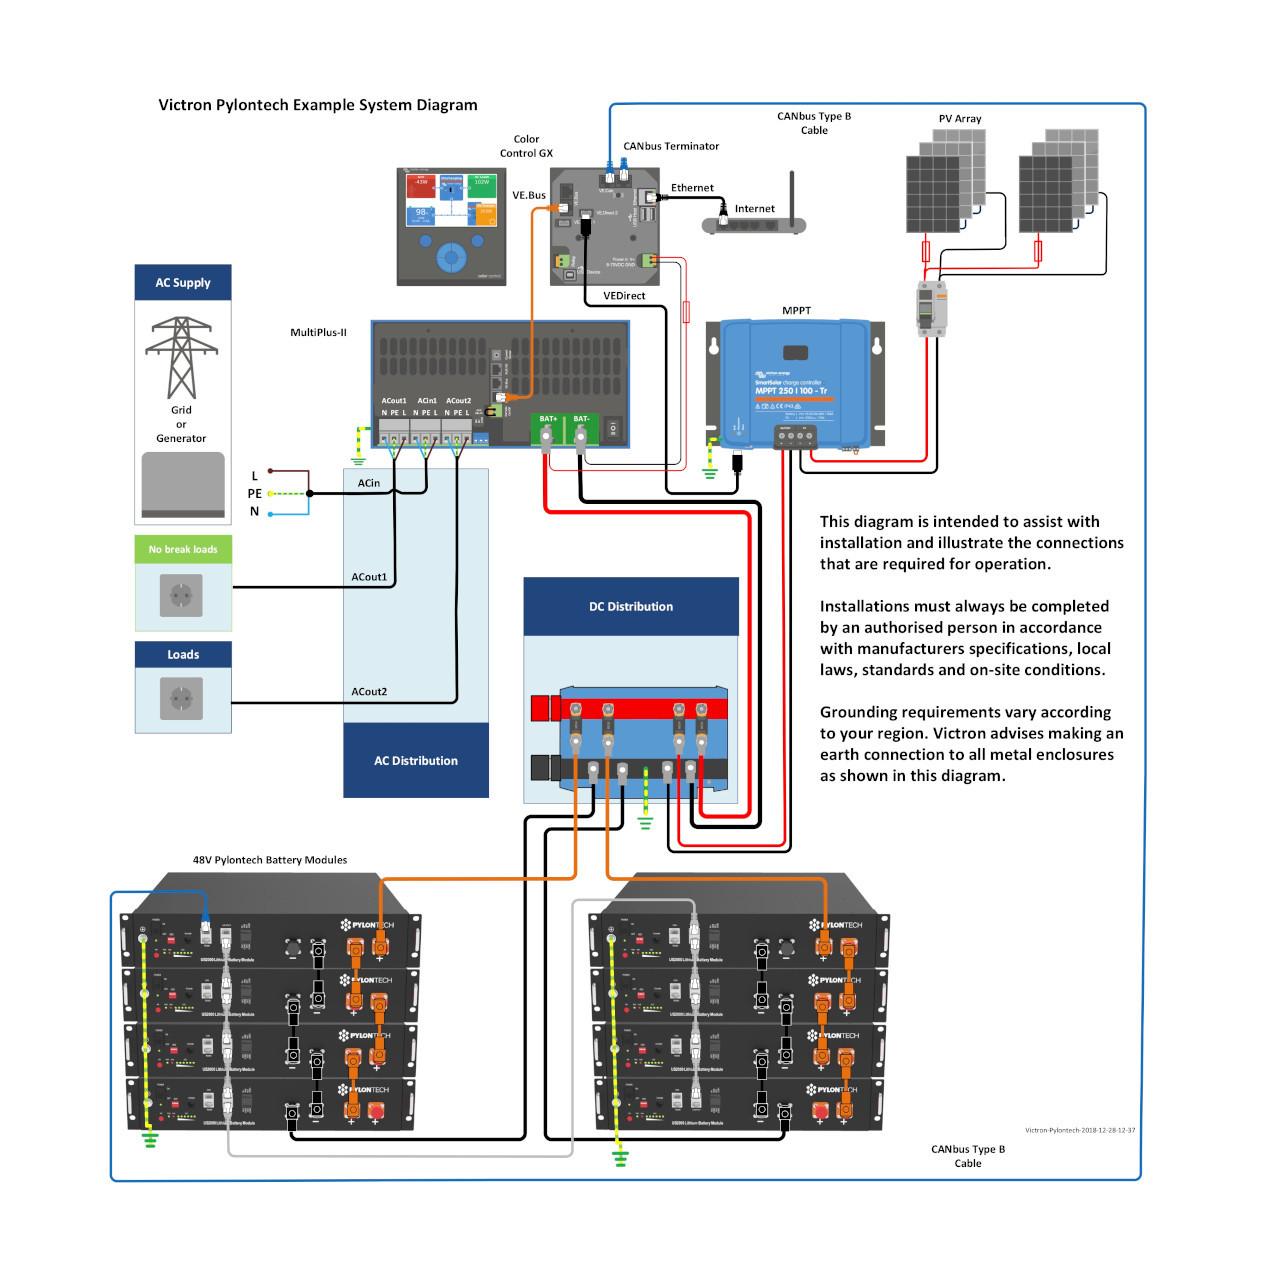 Pylontech -  US3000C - Victron Diagram